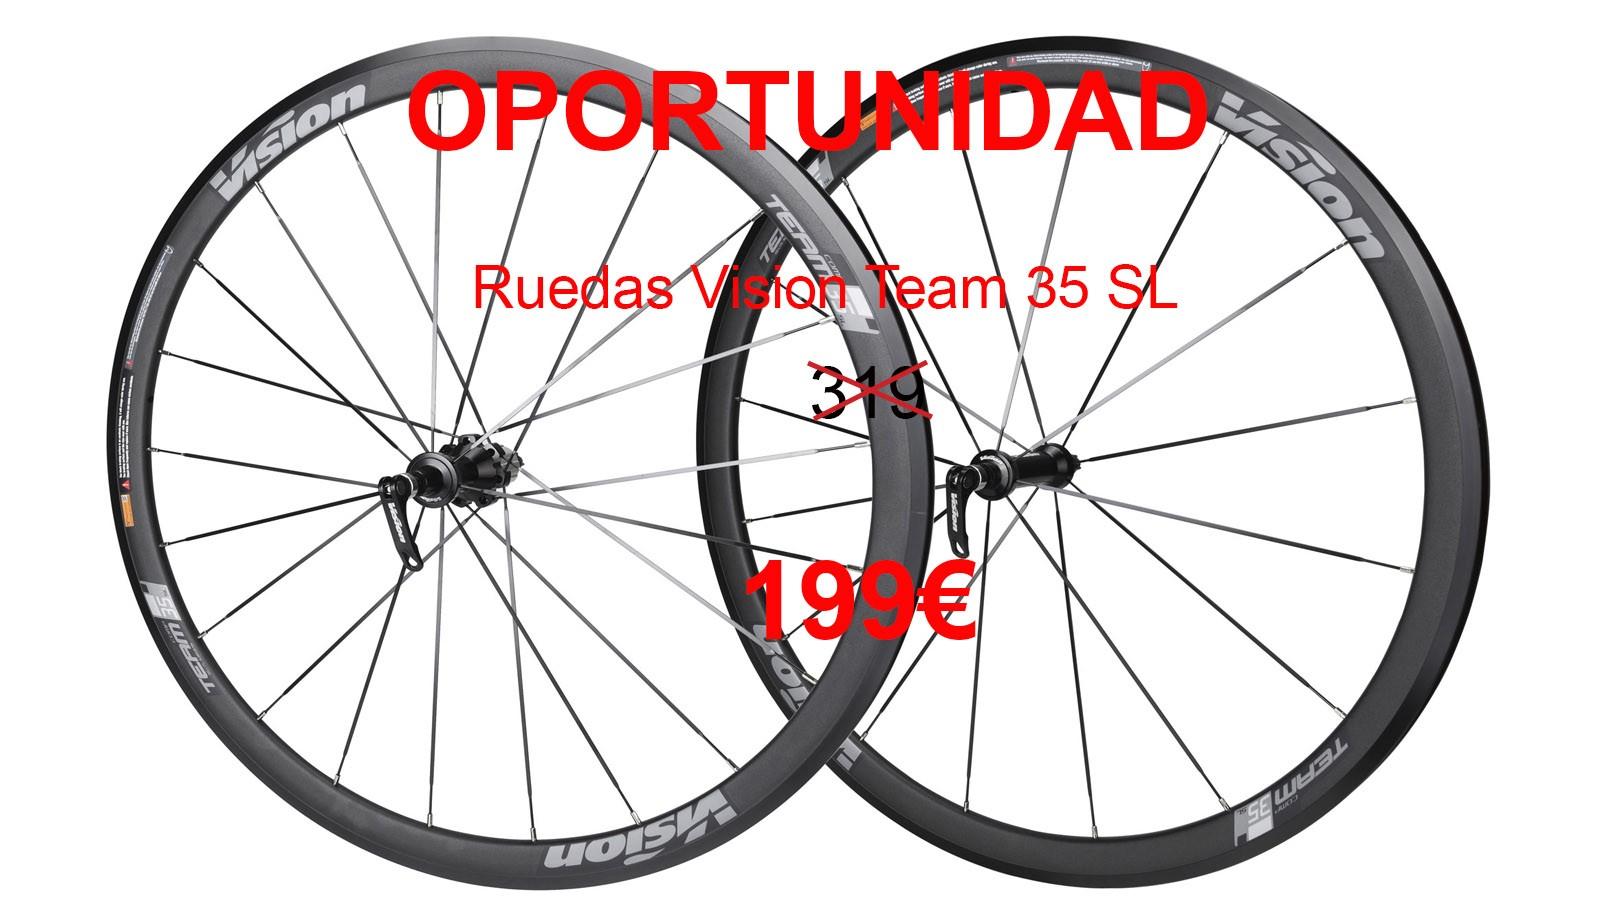 RUEDAS VISION T35